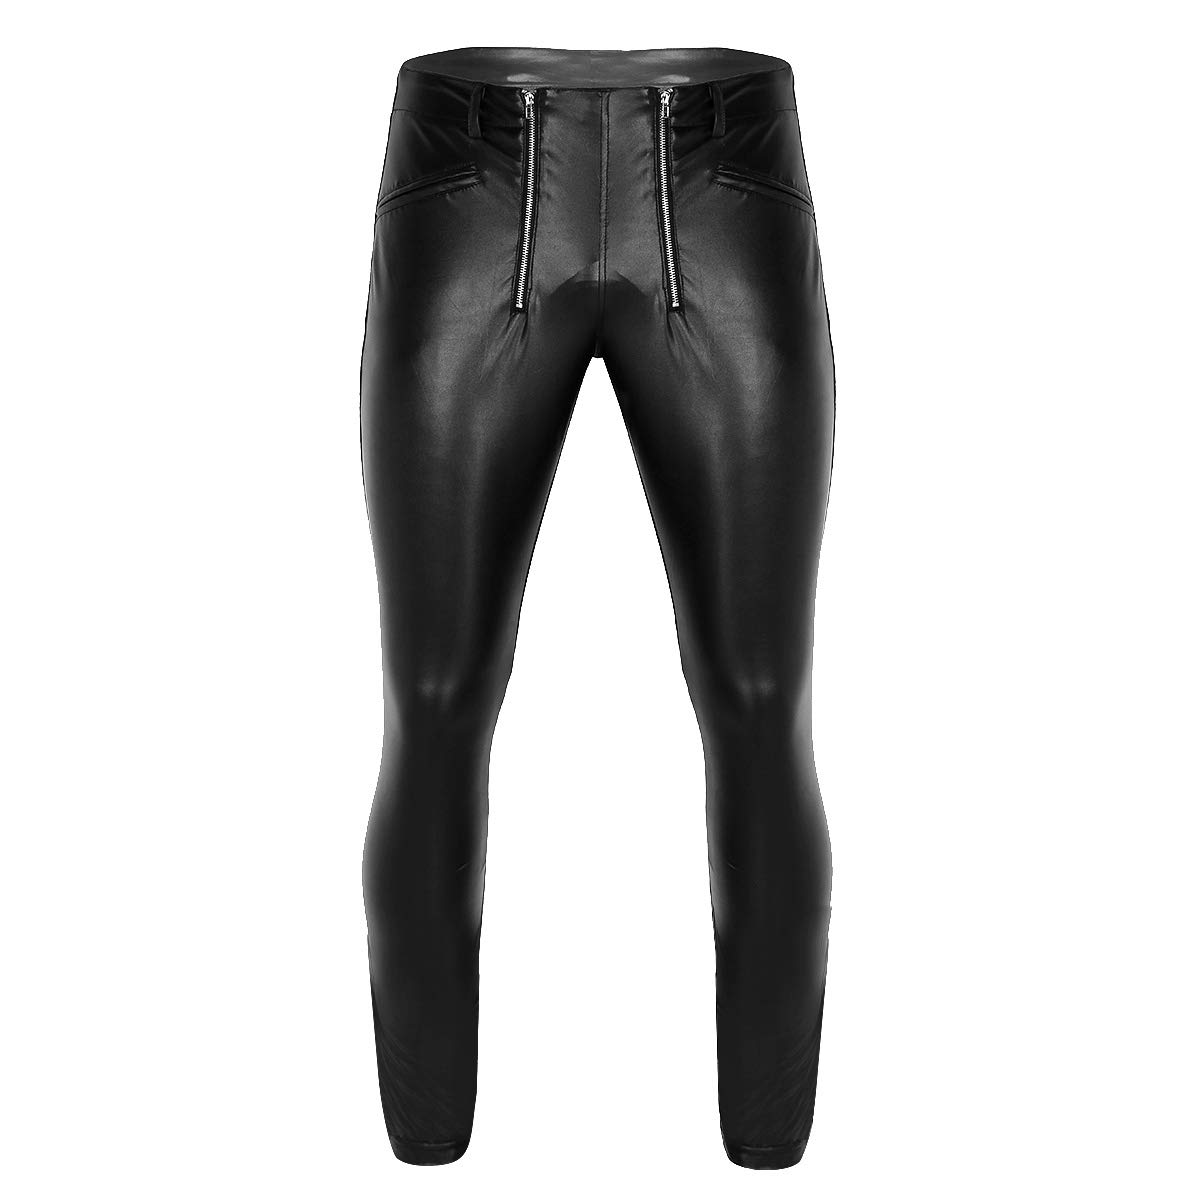 iixpin Herren Wetlook Leggings mit Reißverschluss Kunstleder Ouvert-Hose Fitness Schwarz Hose Funktionswäsche Pants